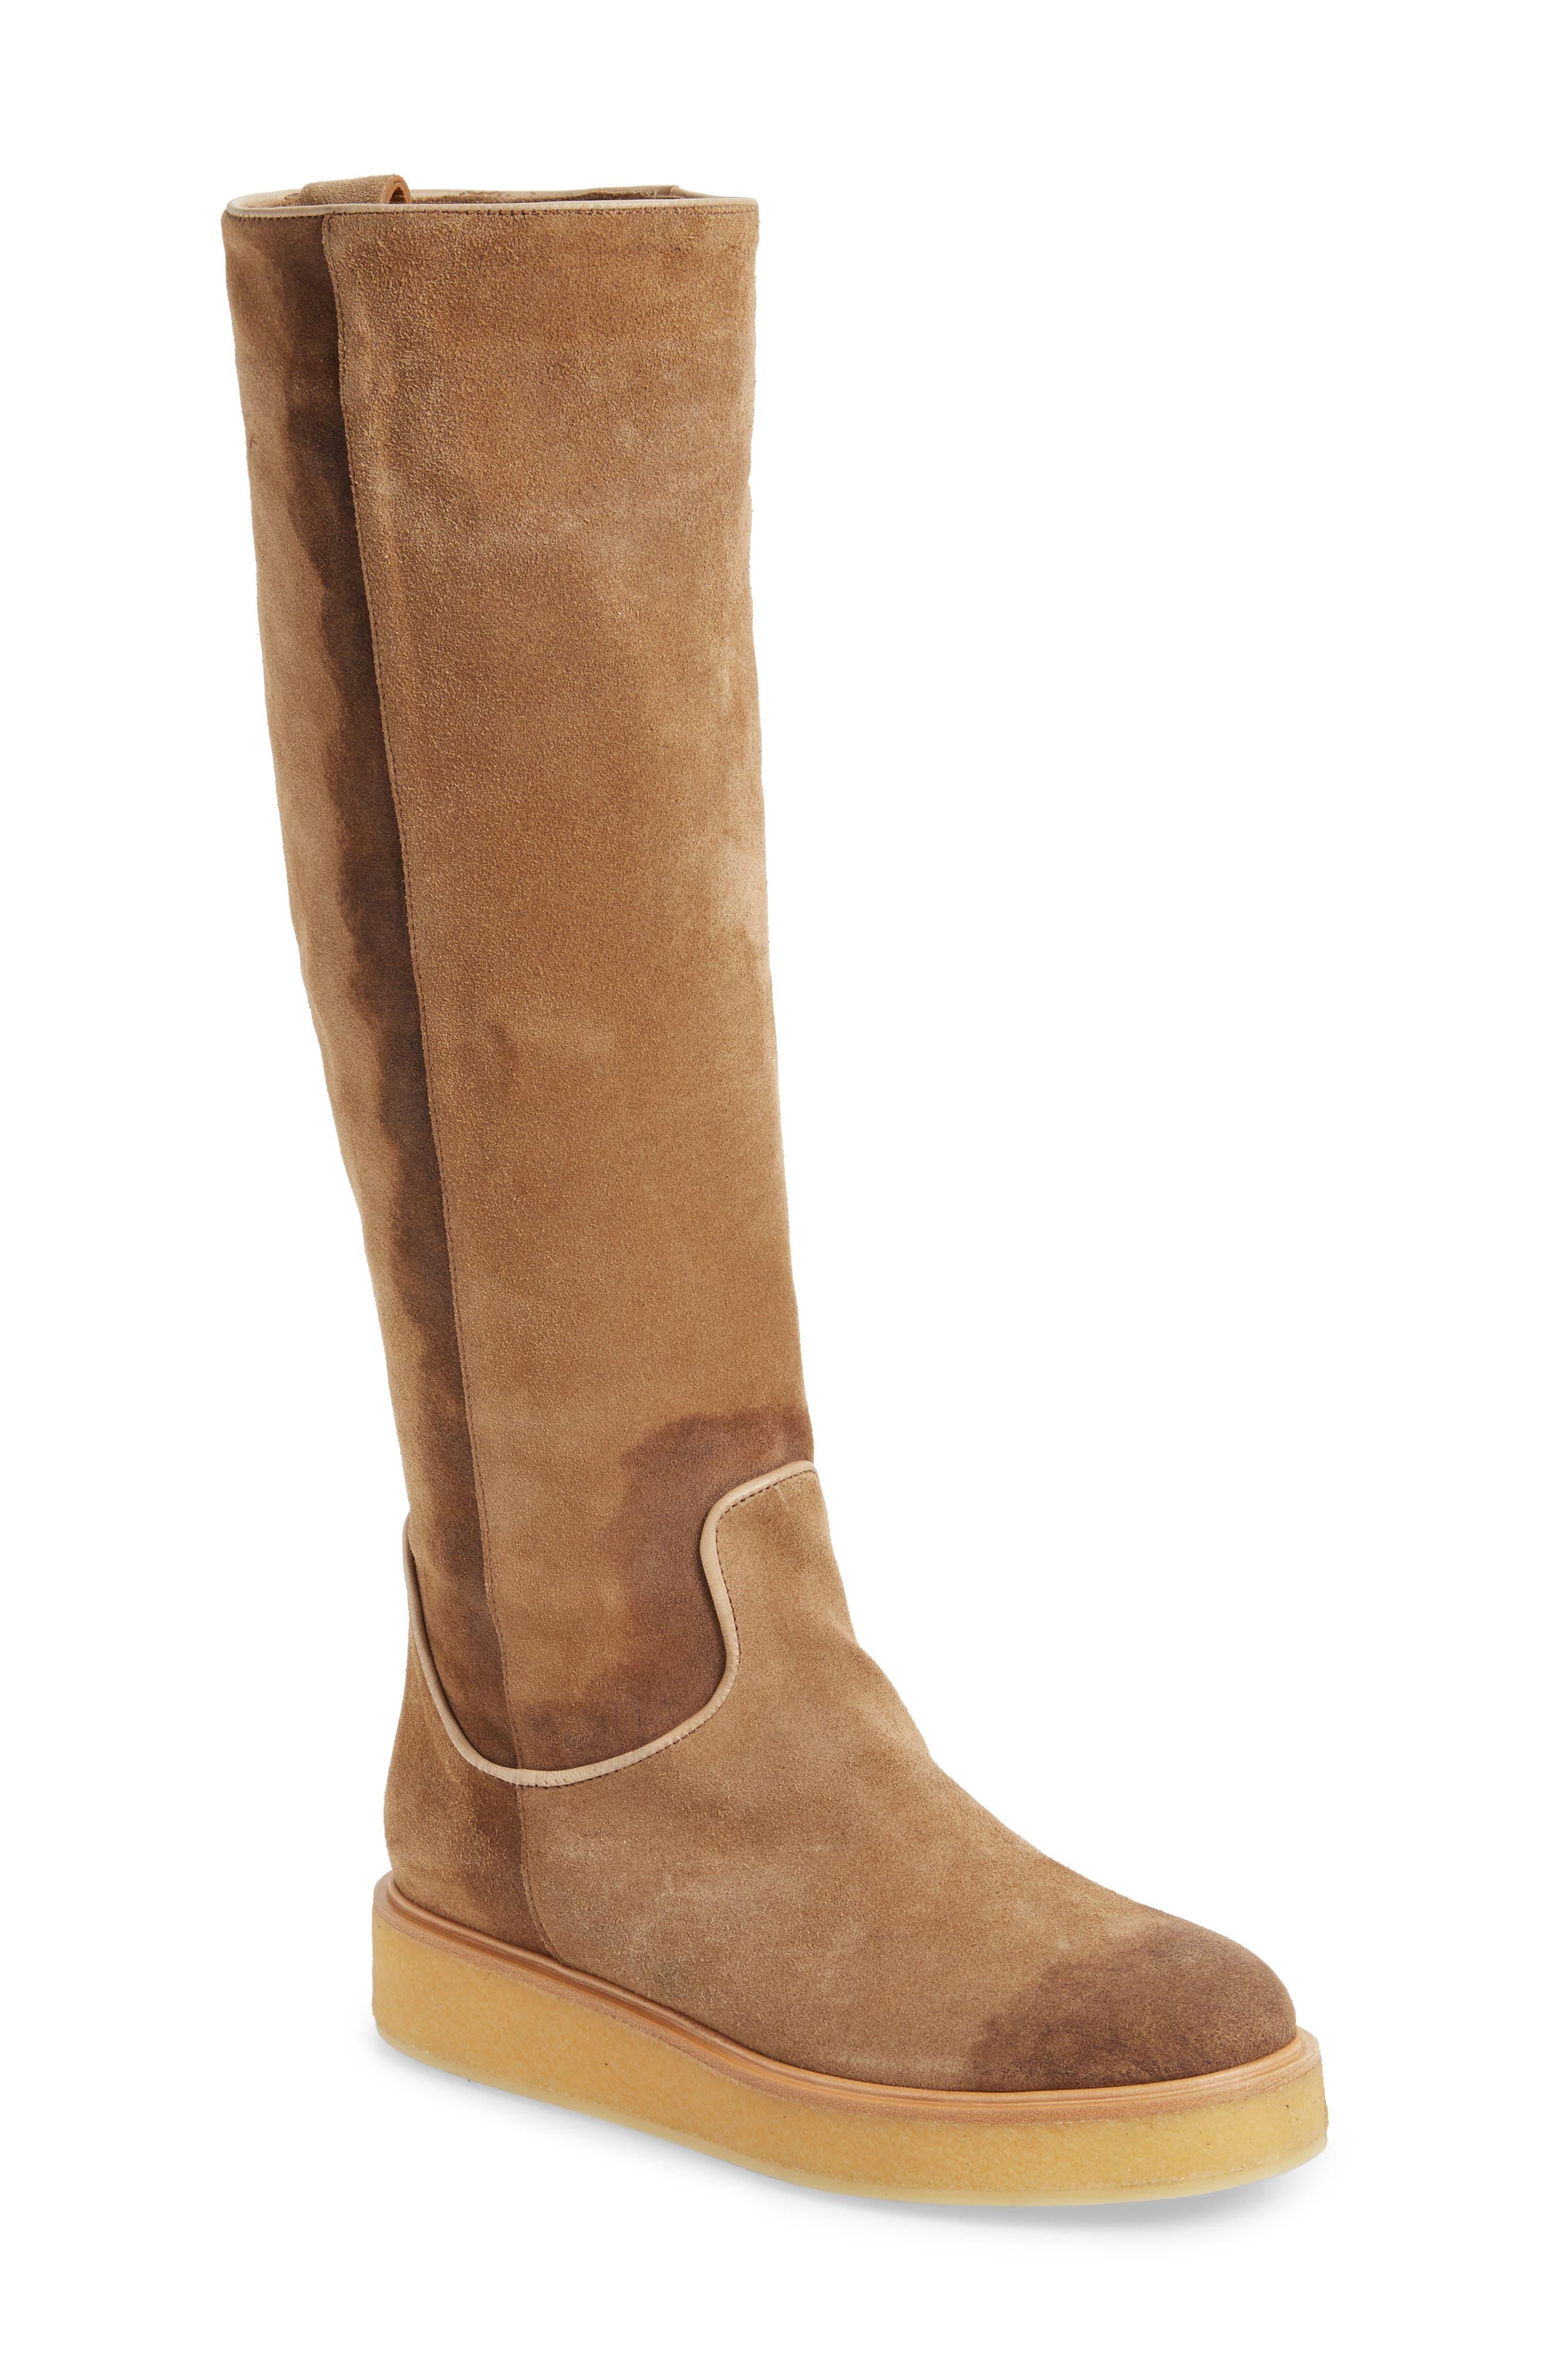 Main Image - Alberto Fermani Nerola Knee High Boot (Women)